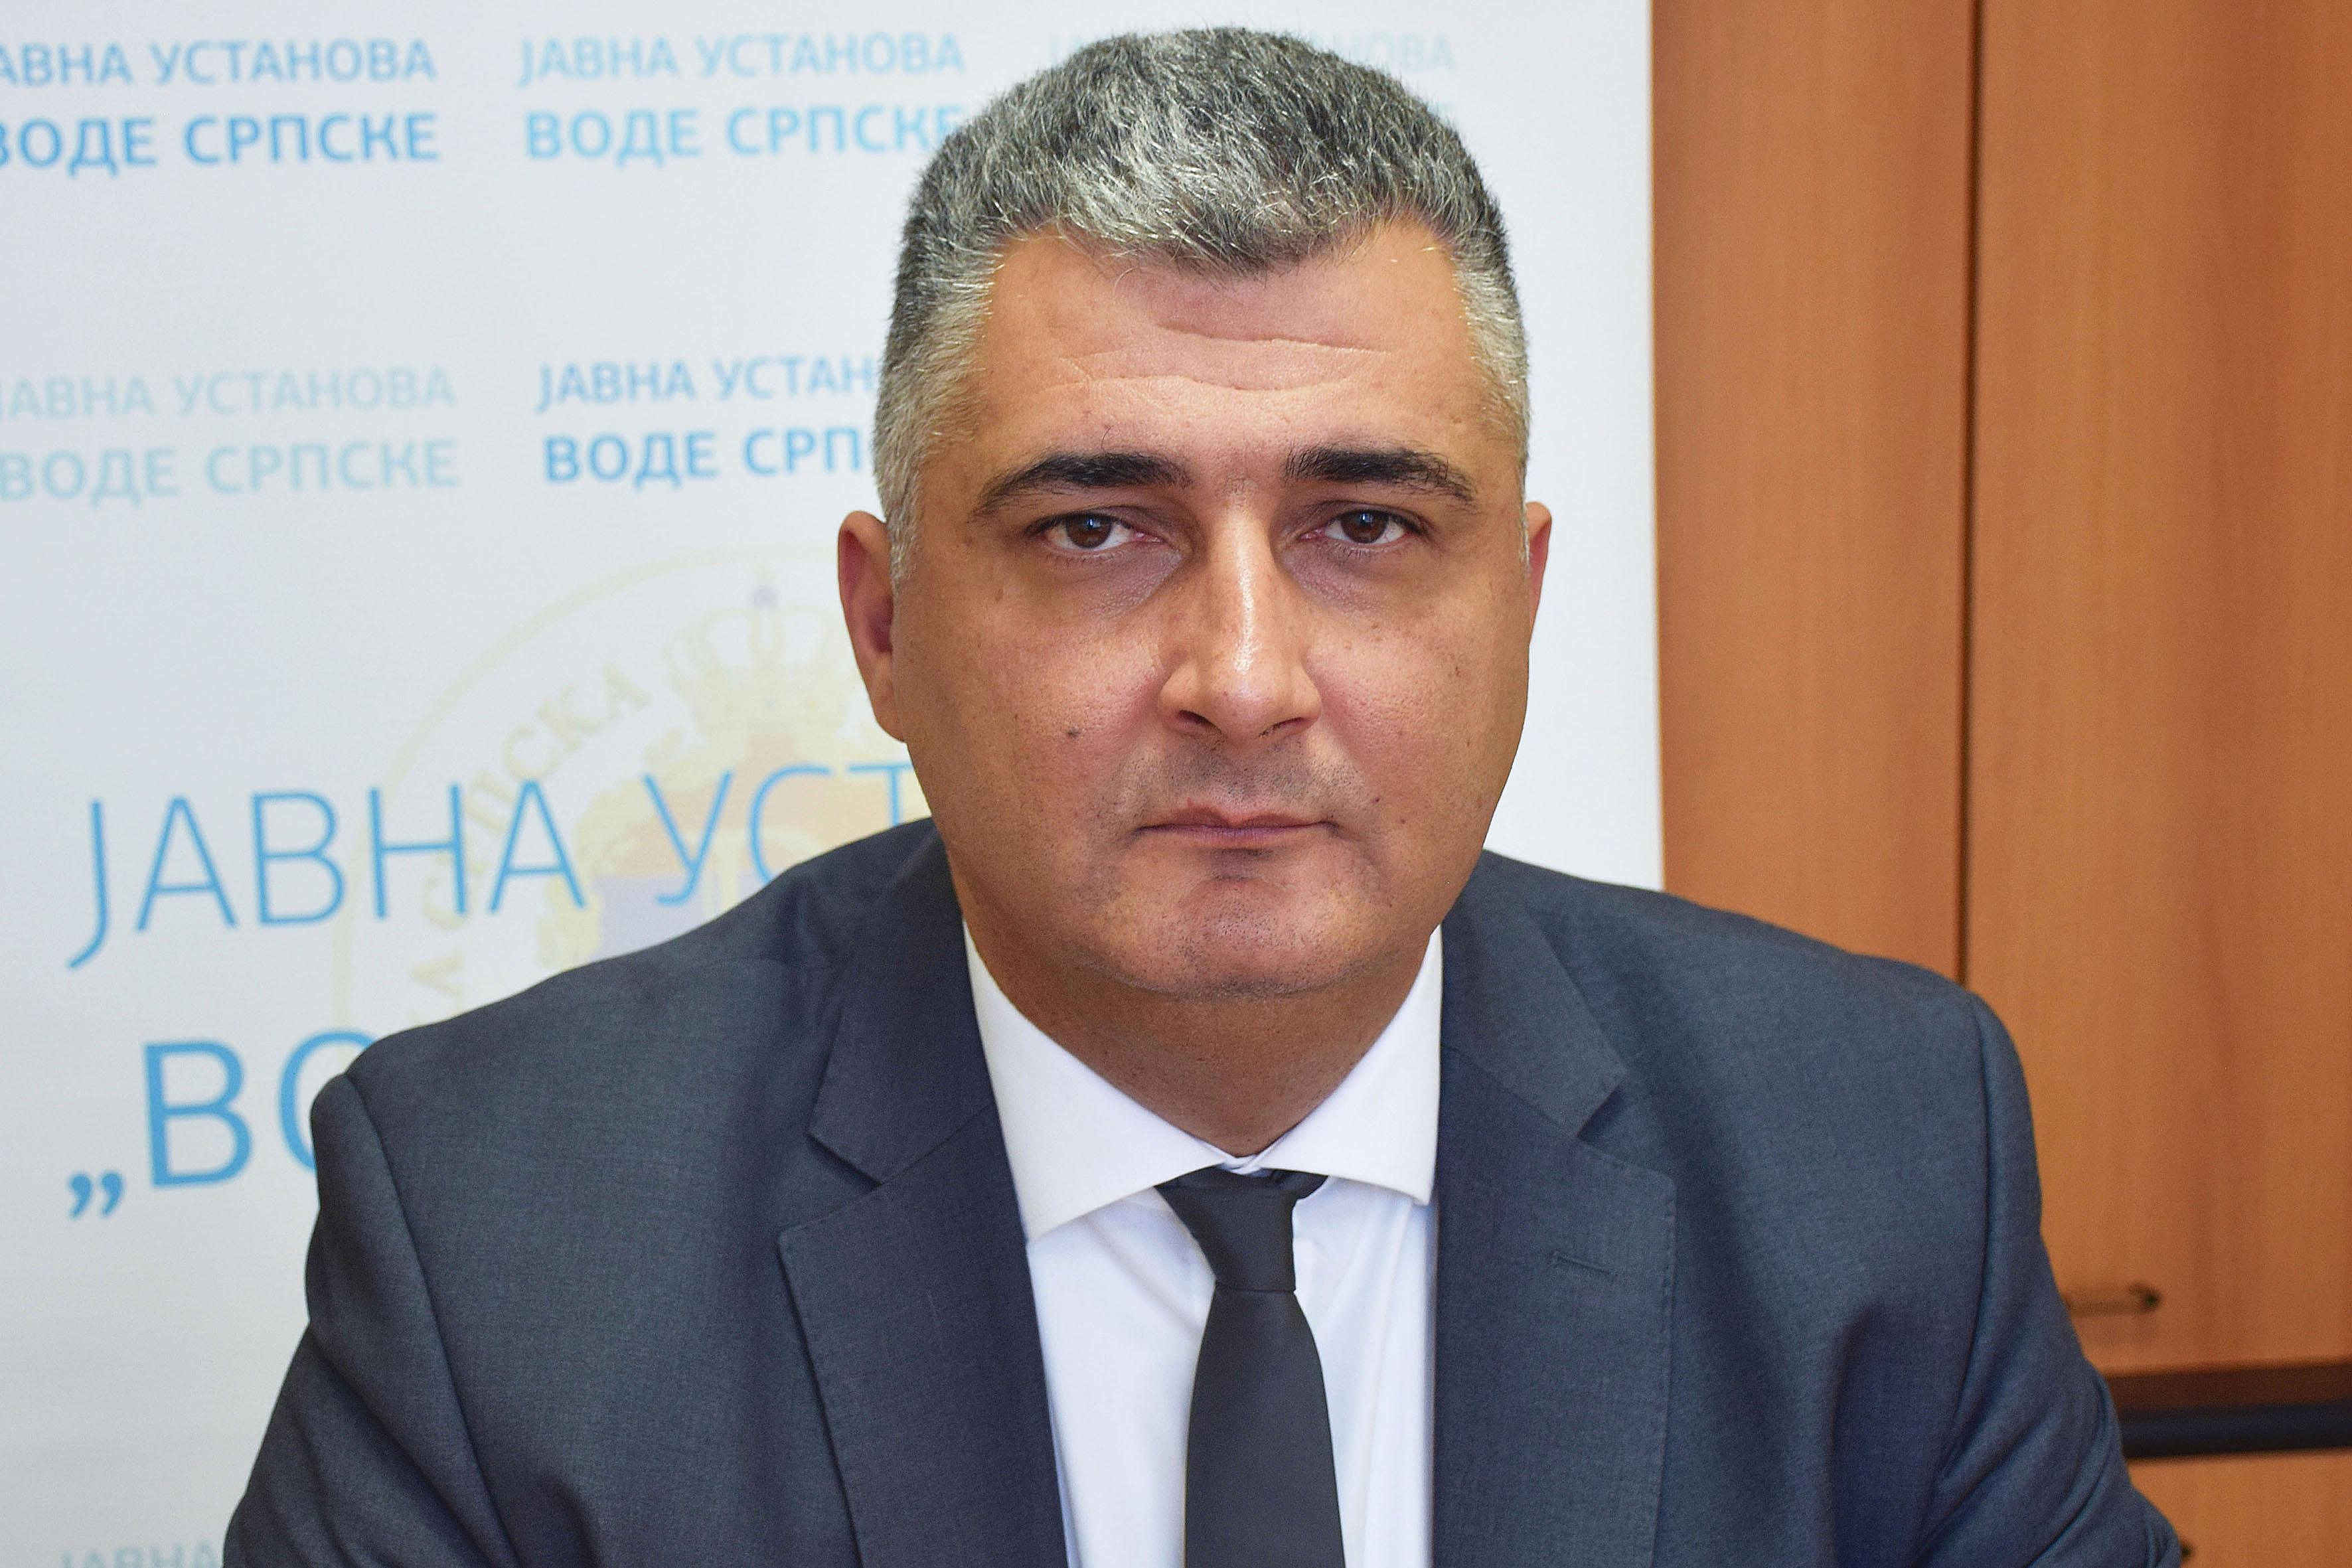 Мирослав Миловановић: Вода је највећи ресурс Републике Српске за будућност